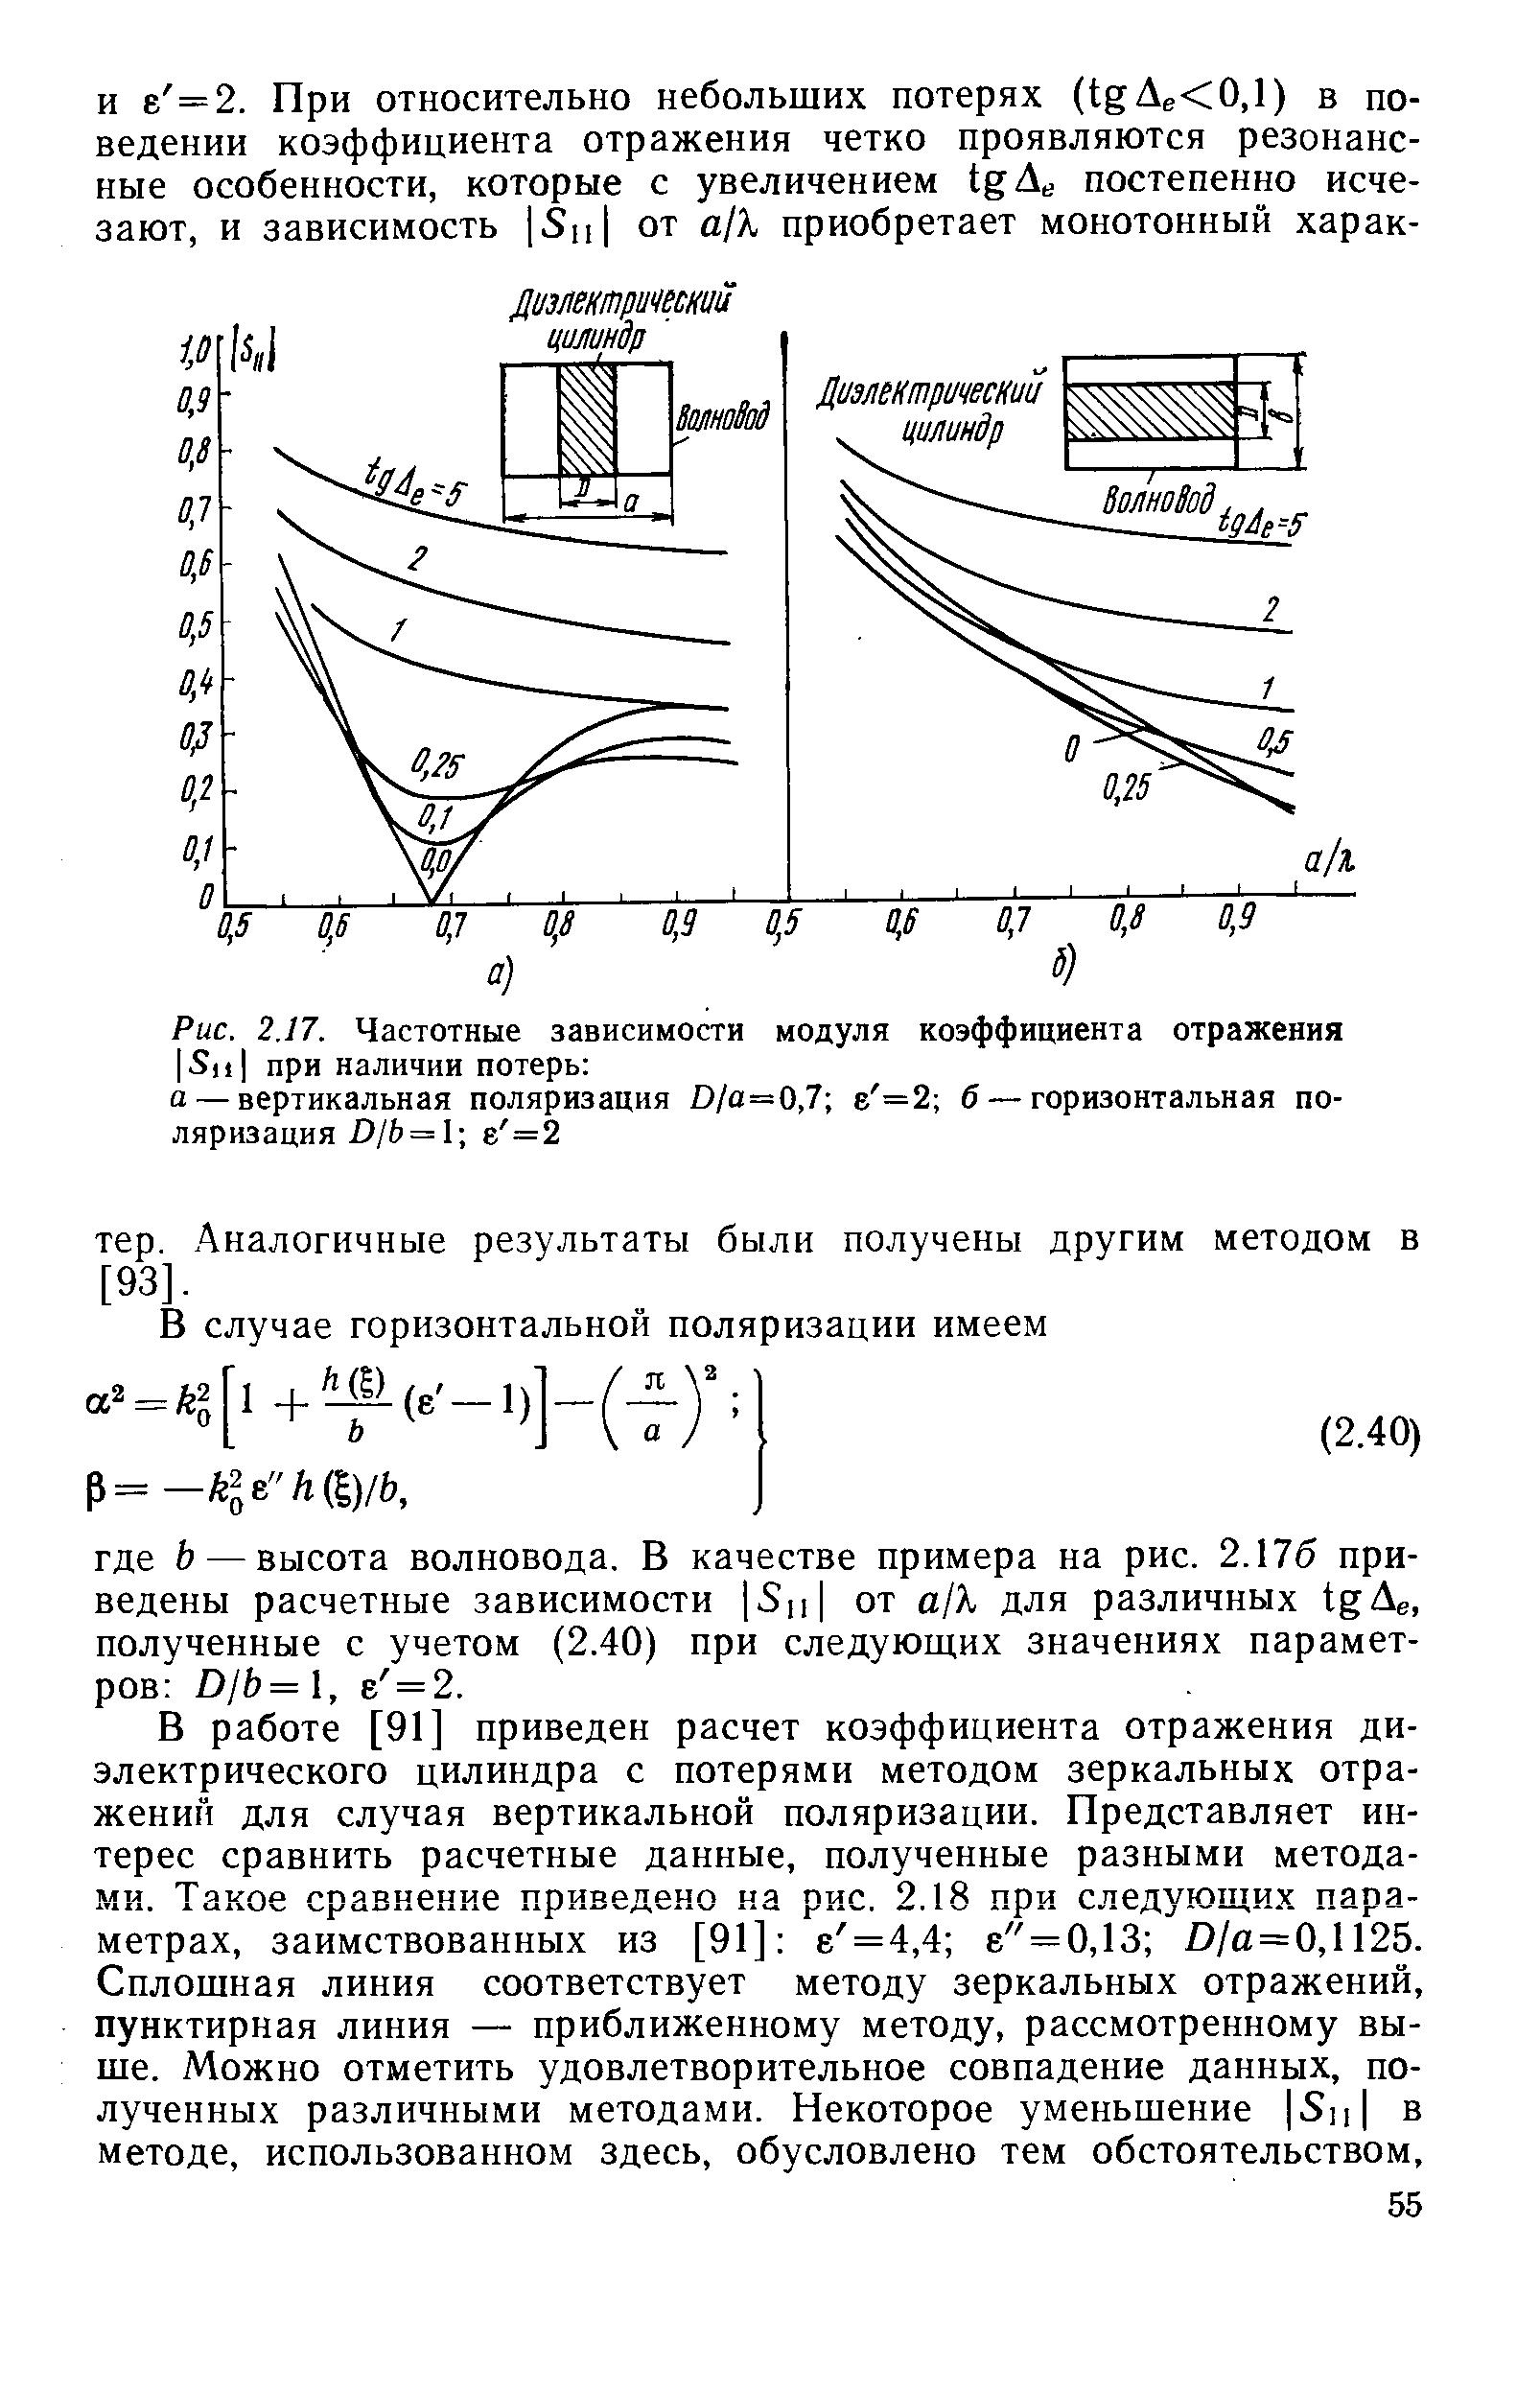 Контроль состояния изоляции трансформаторов